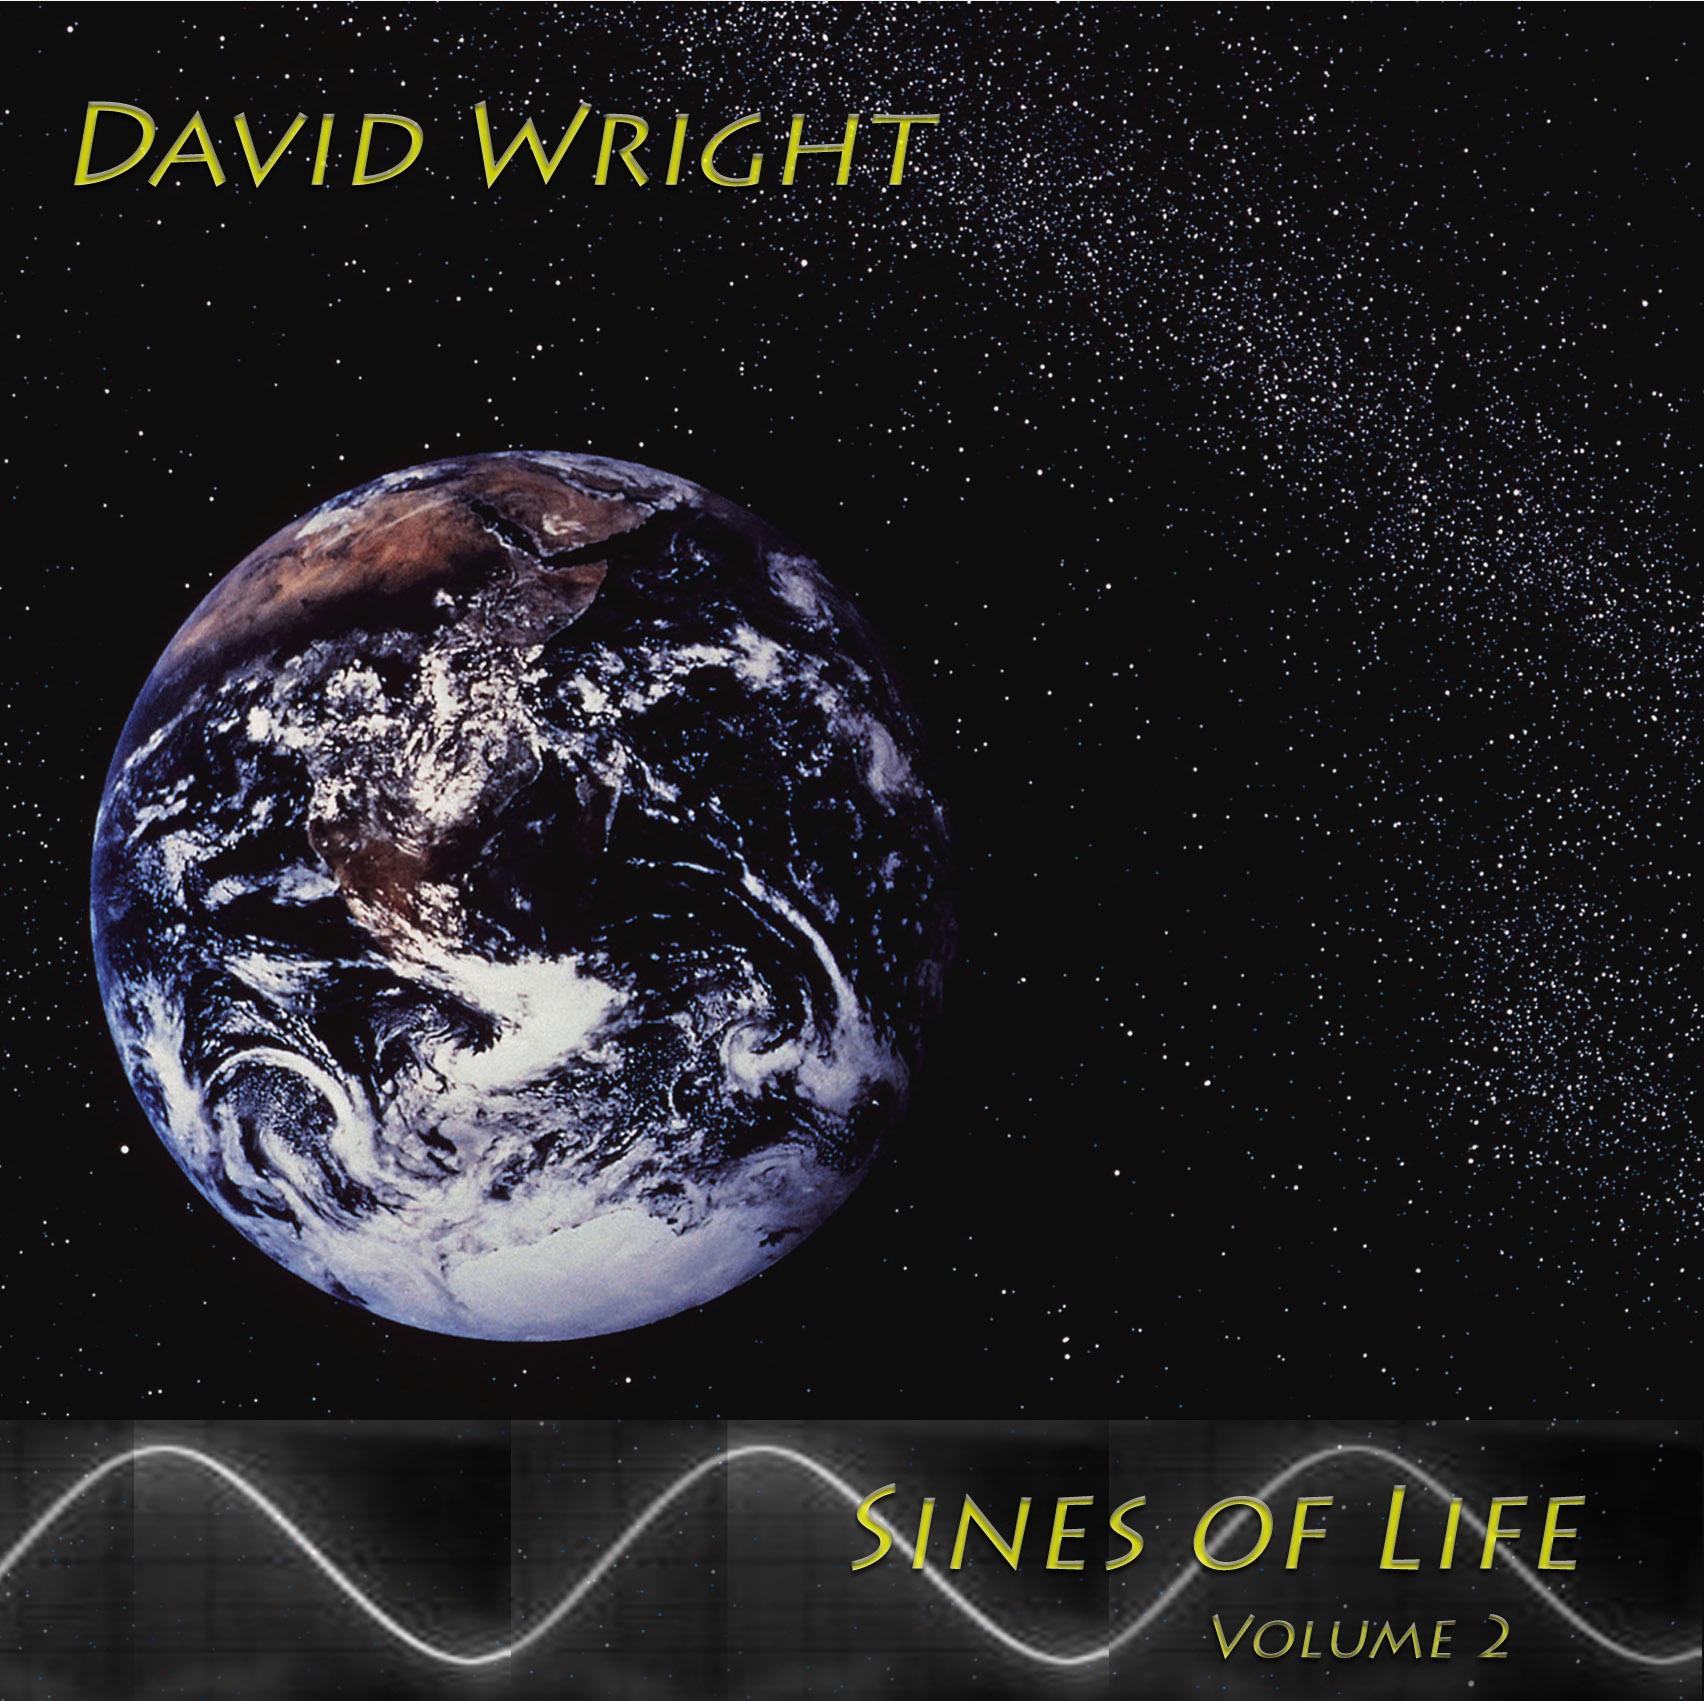 【David Wright  音乐专辑】 - 南风 - 南 风 园  Music